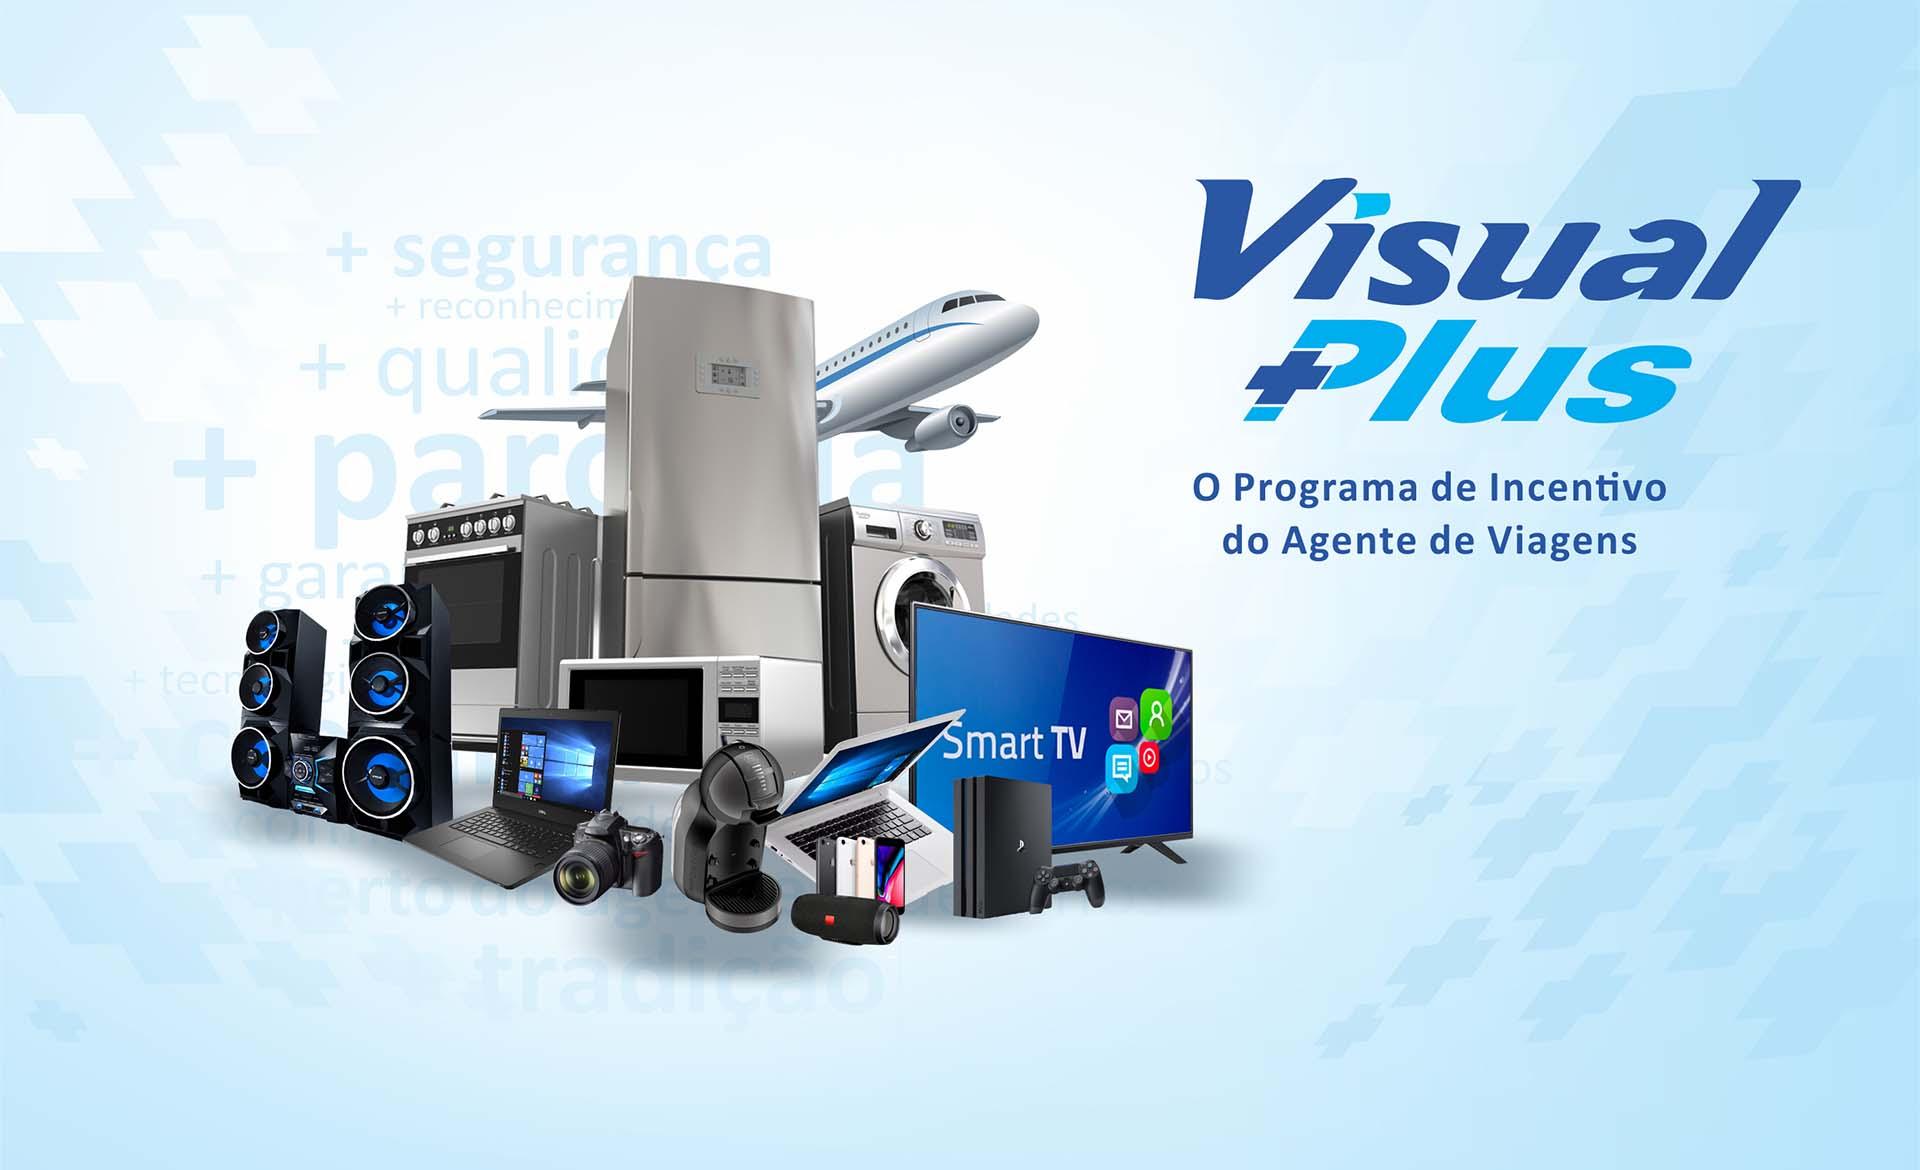 Campanha de Vendas Visual Plus